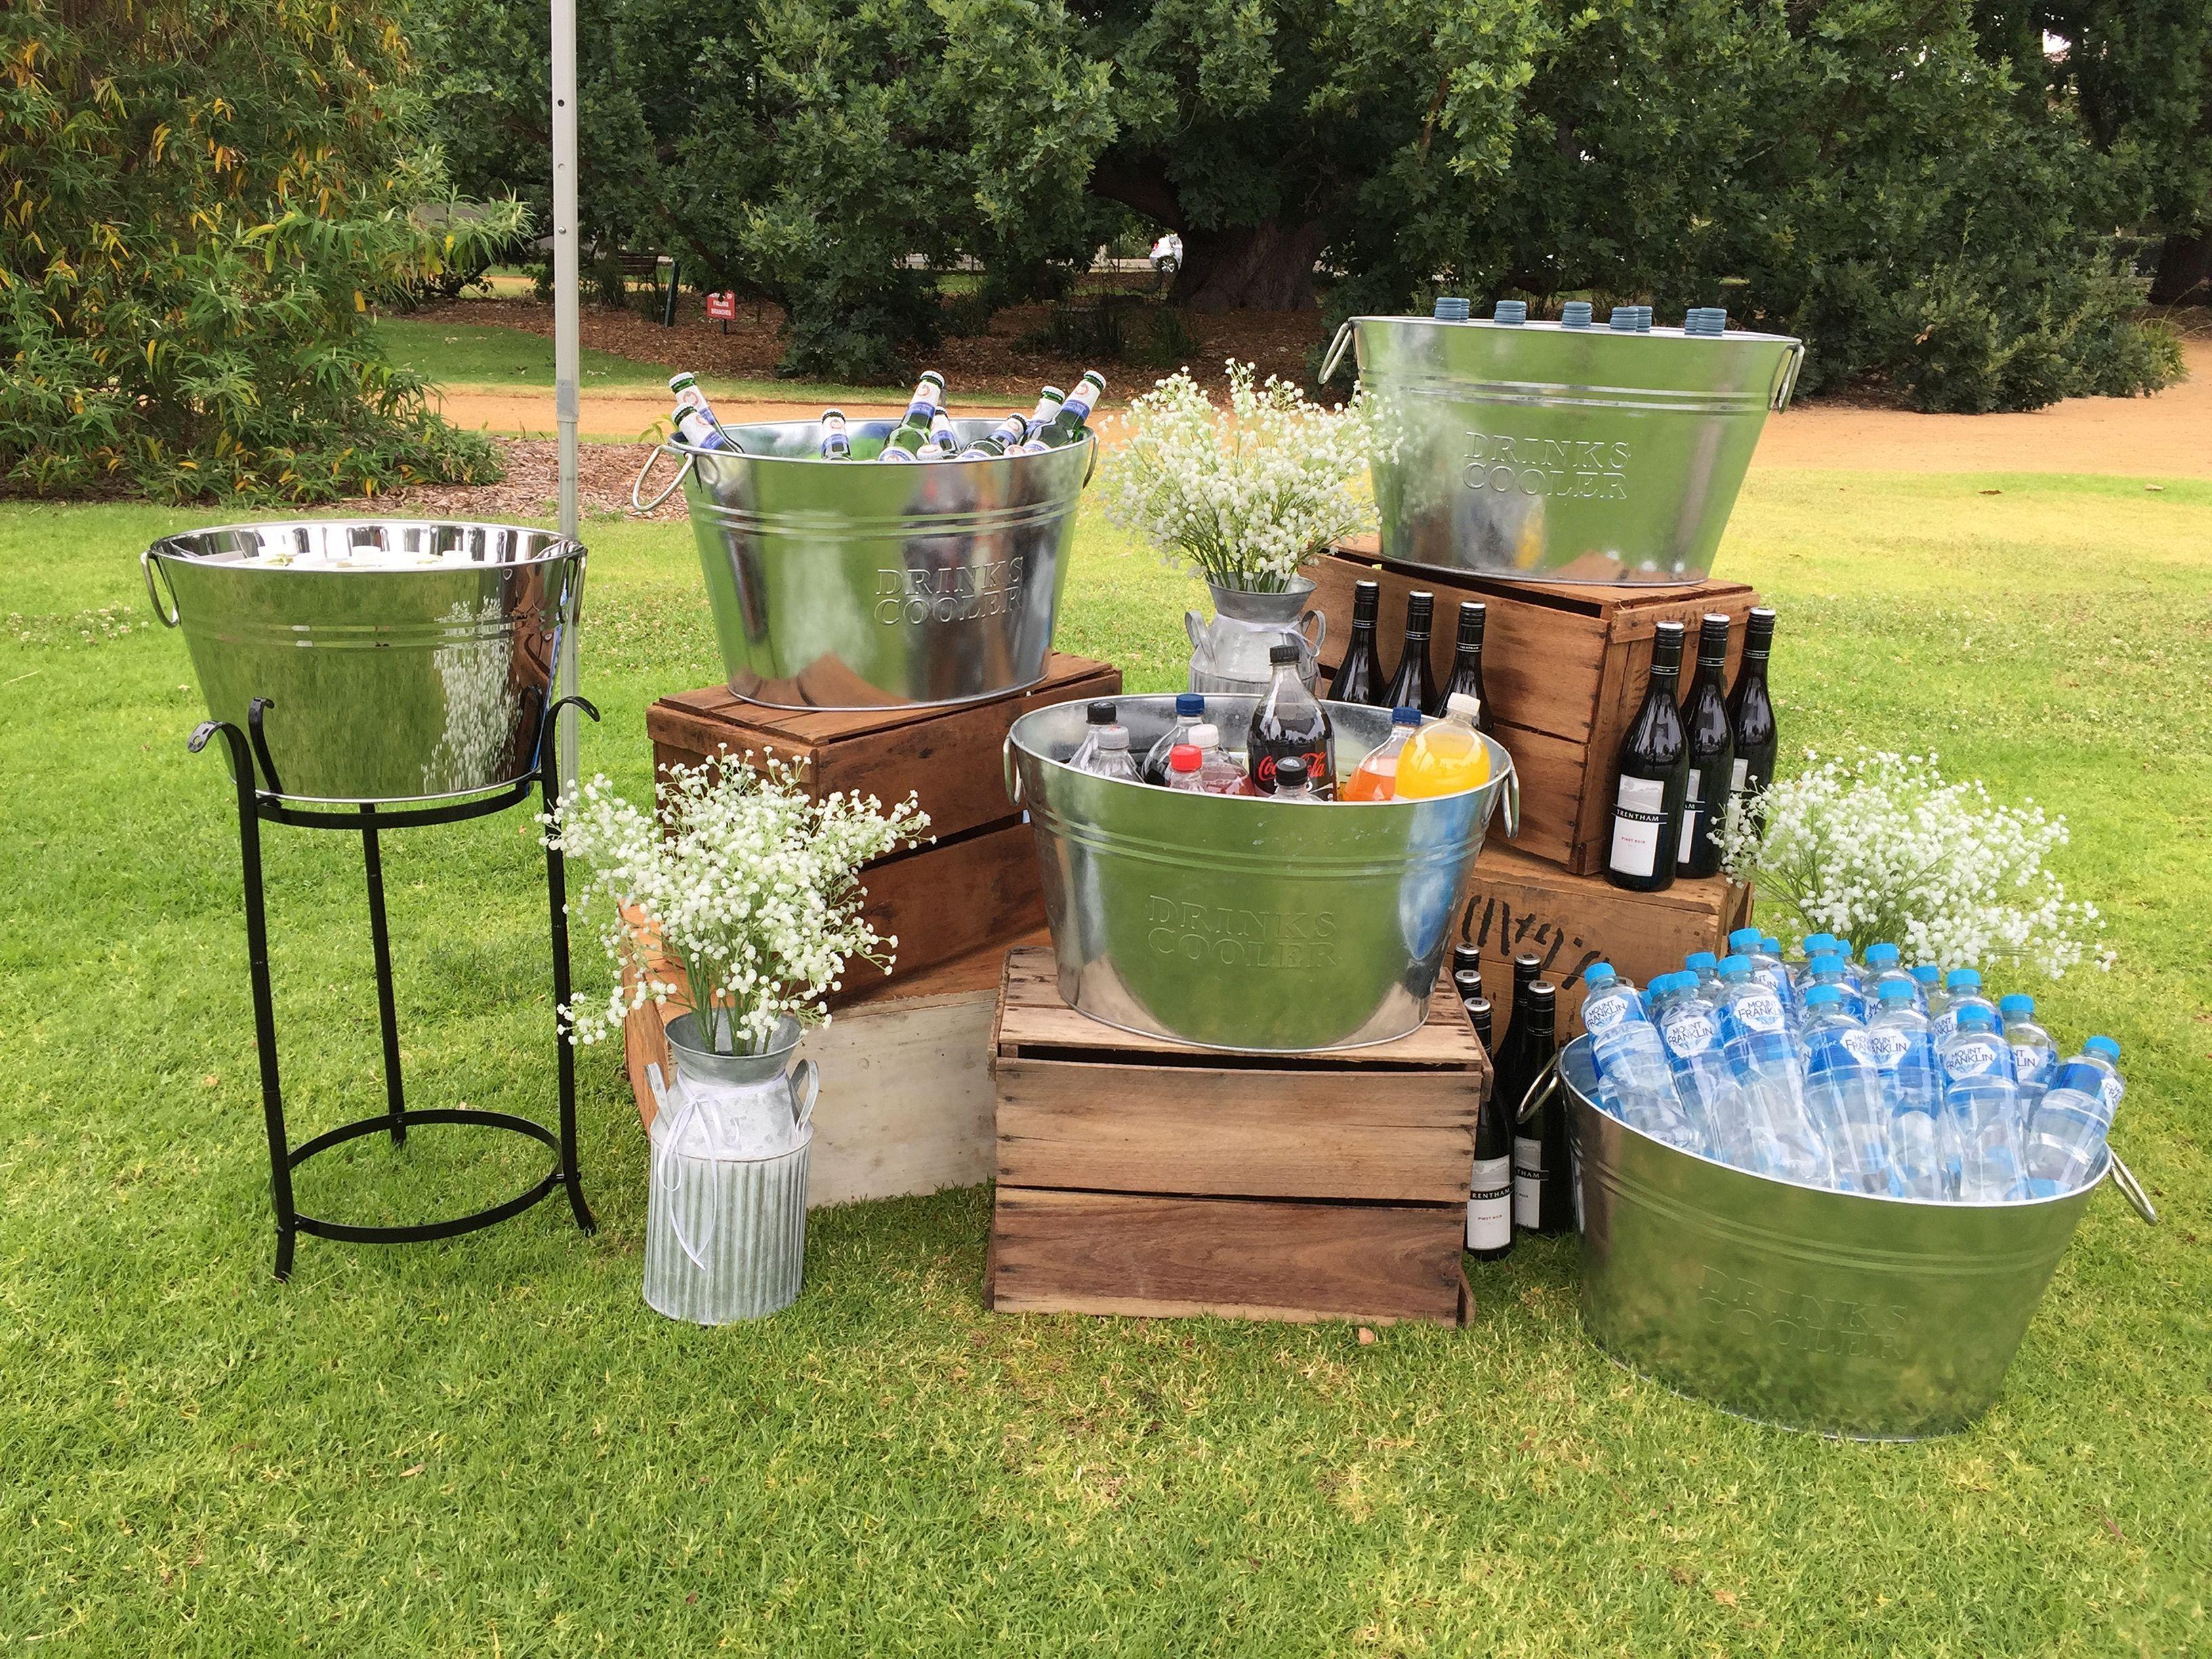 Top 5 Rustic Backyard Wedding Party Decor Ideas Outdoor Drink